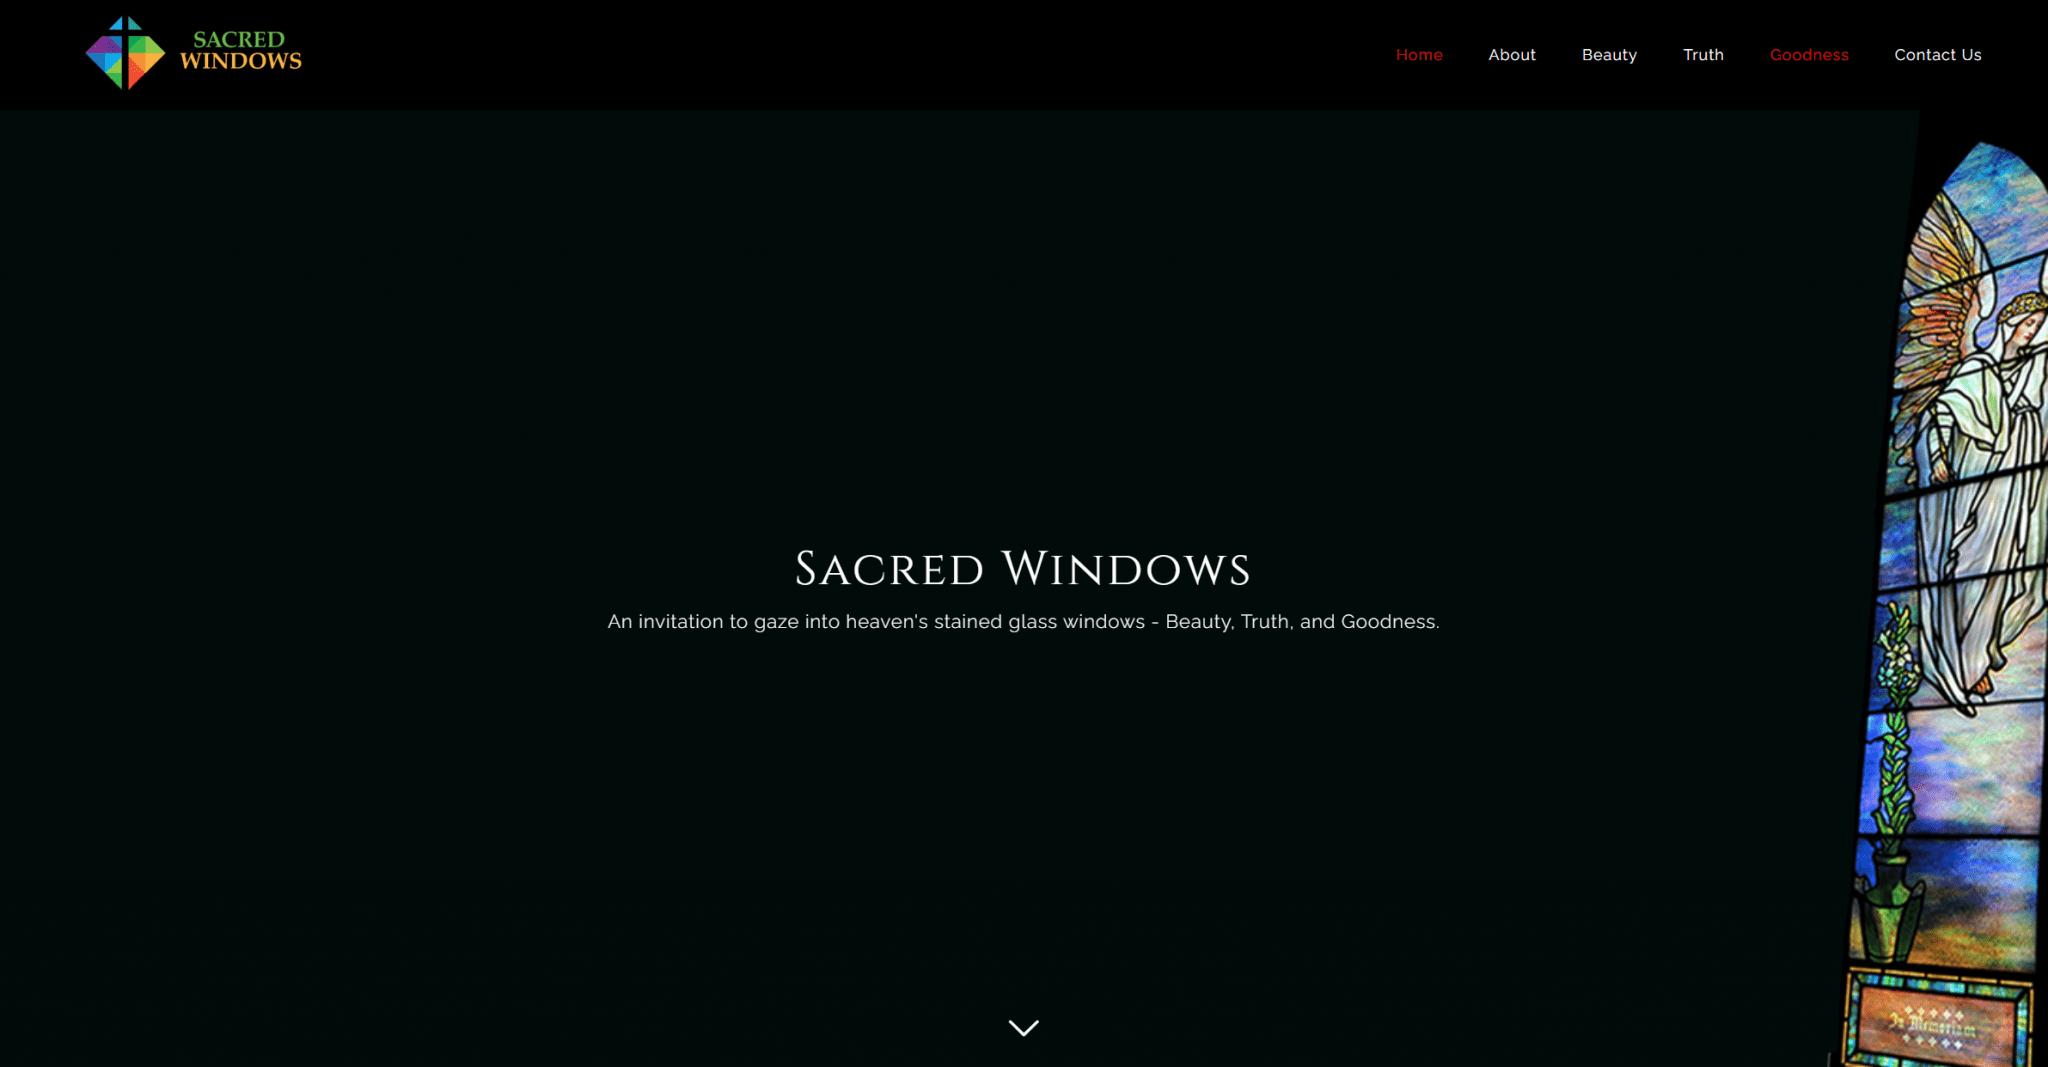 sacredwindows.com